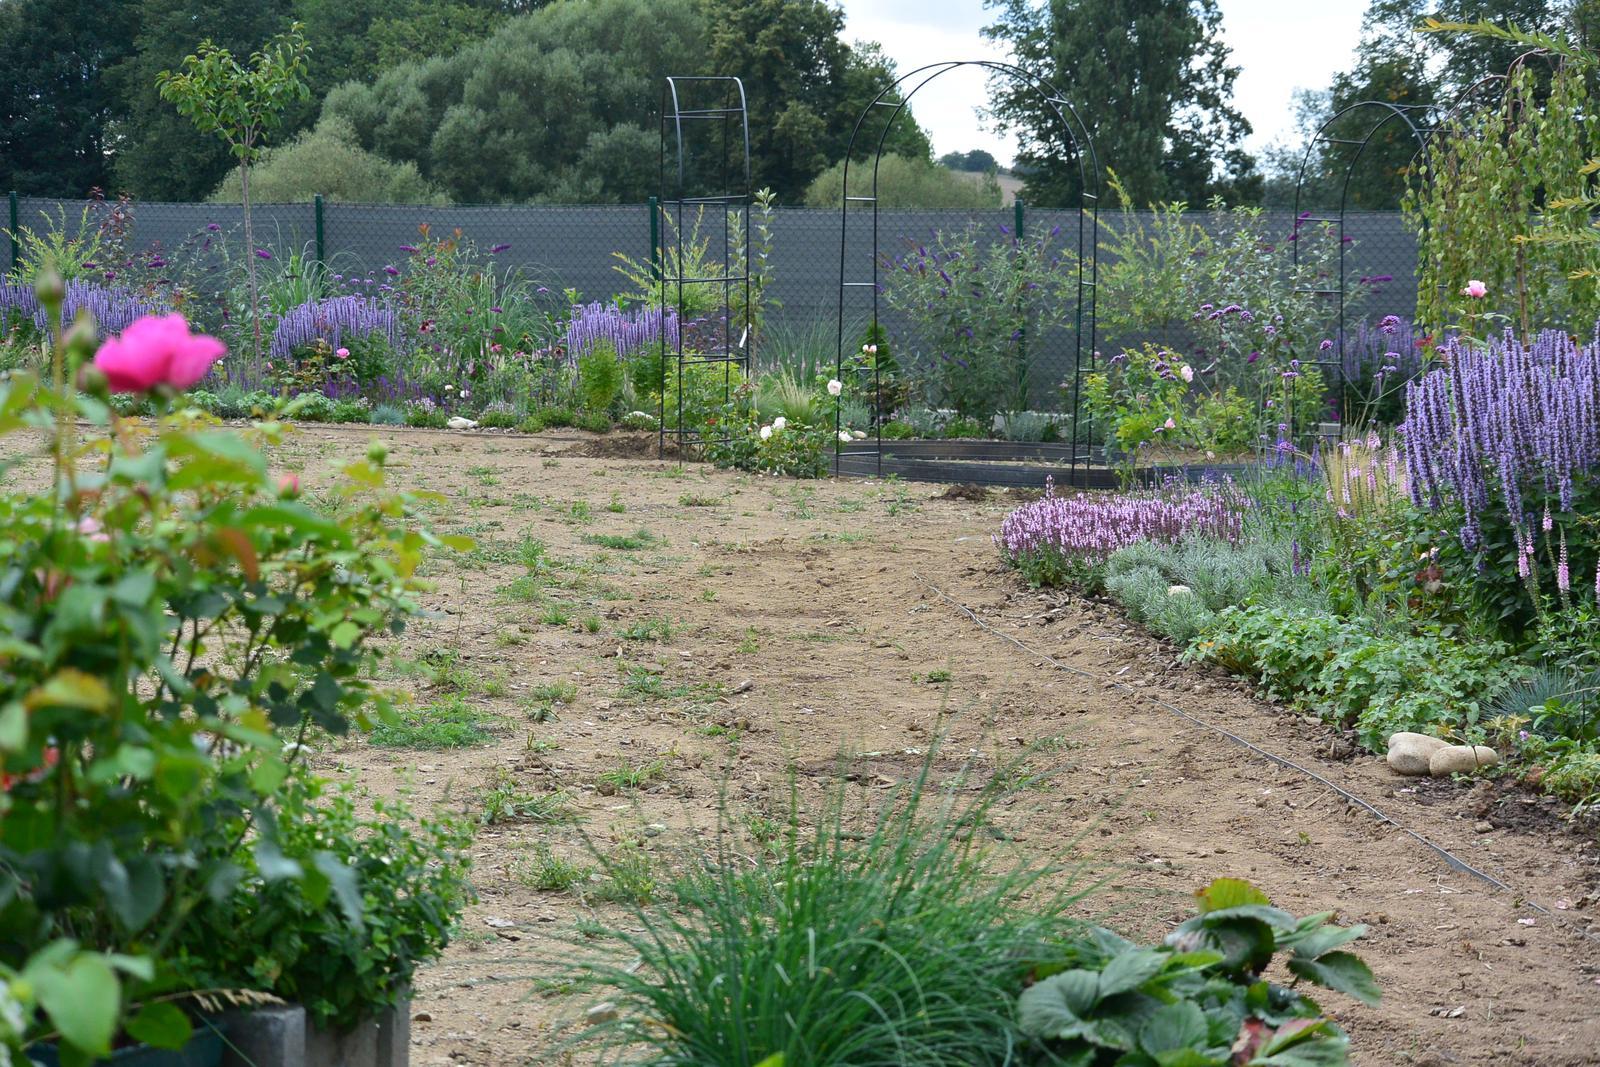 Motýlí zahrada 2019-2020 - Ještě hodně práce před námi.....